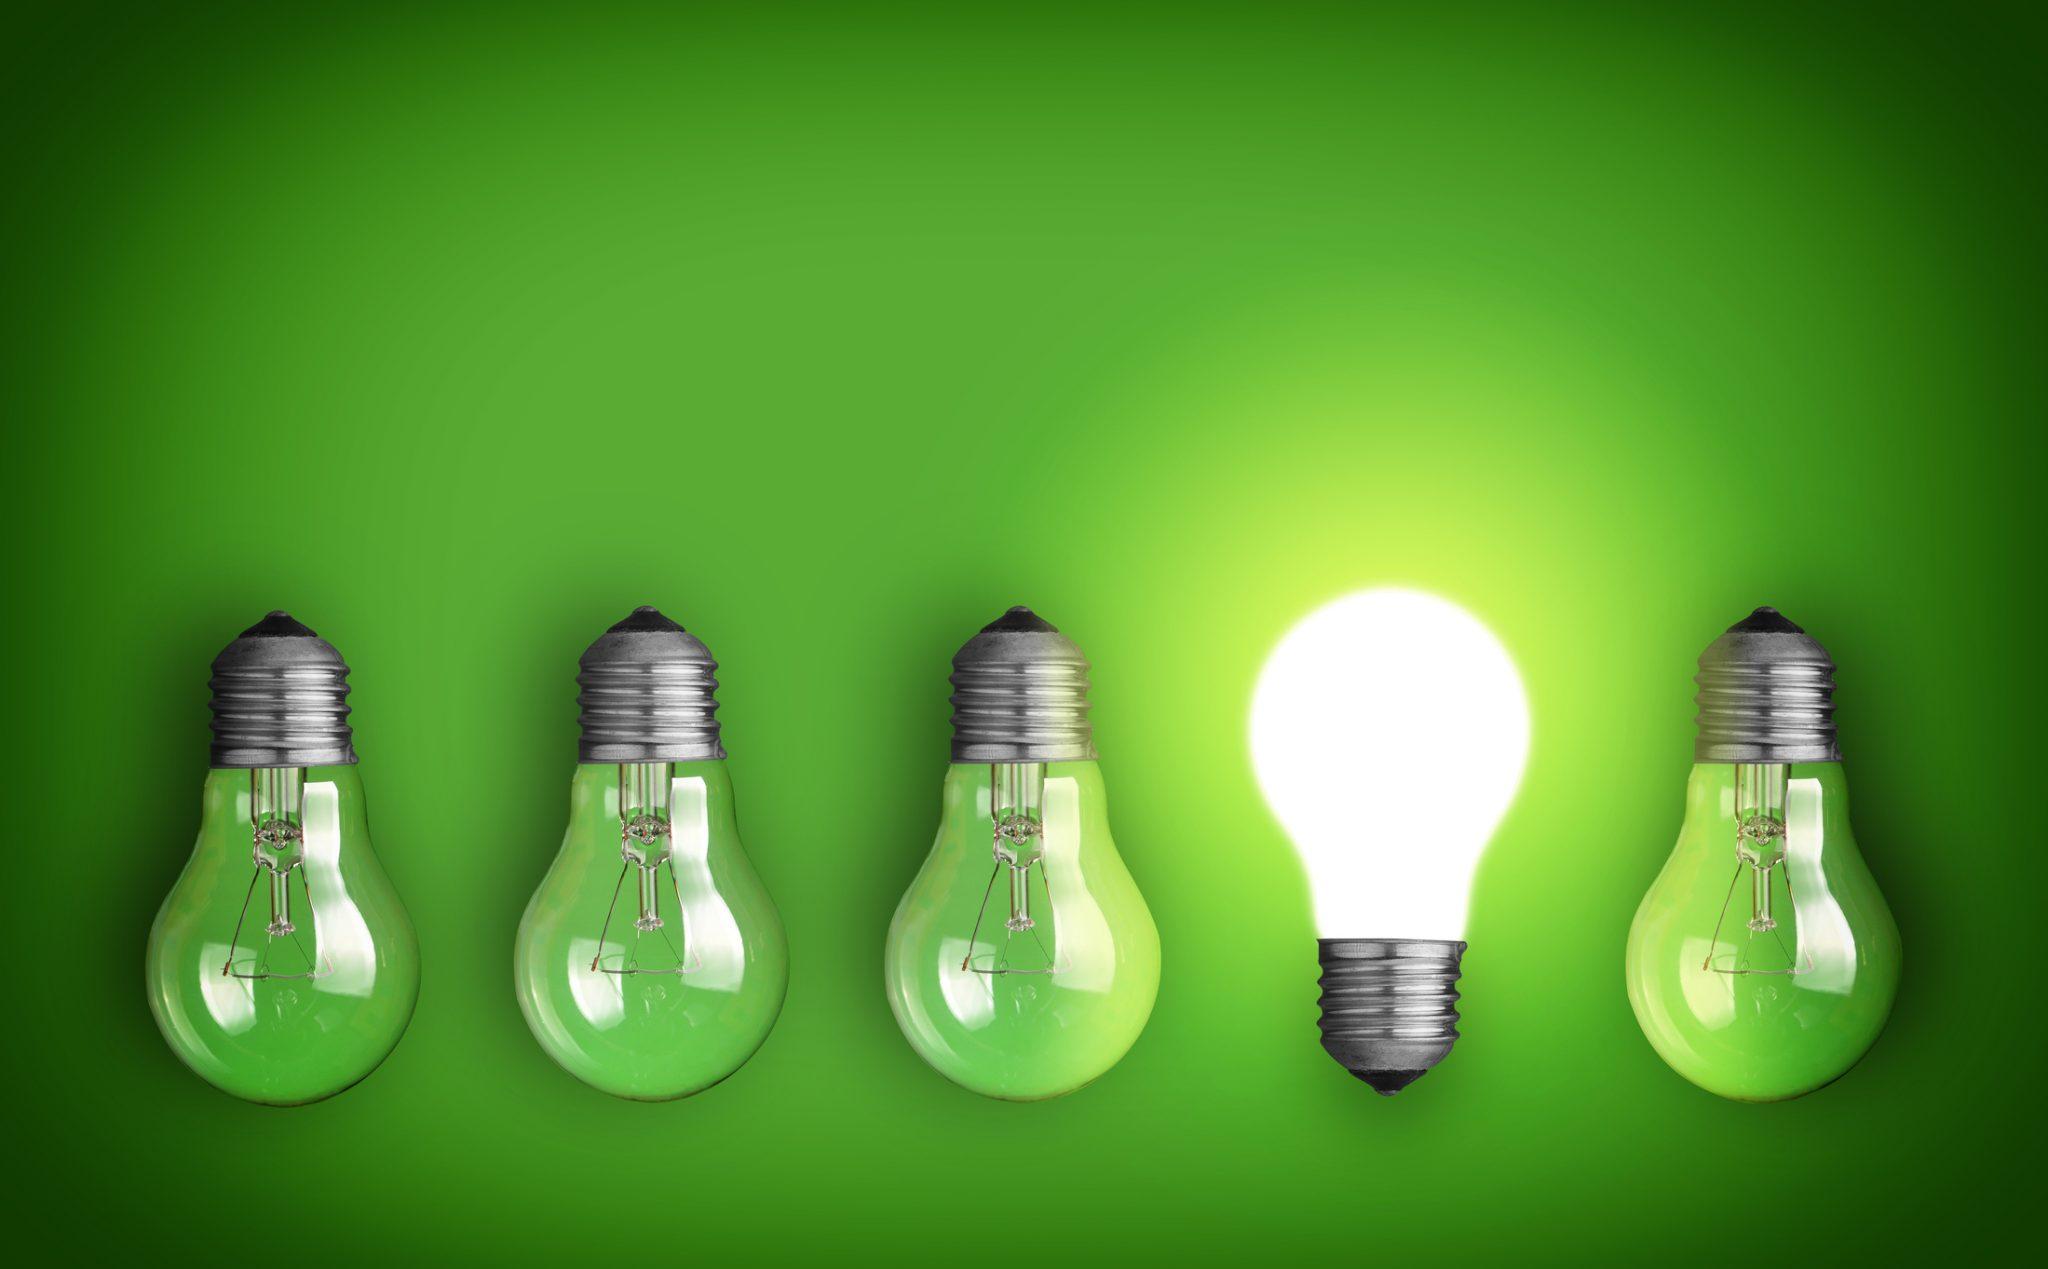 Electricité verte Greenpeace